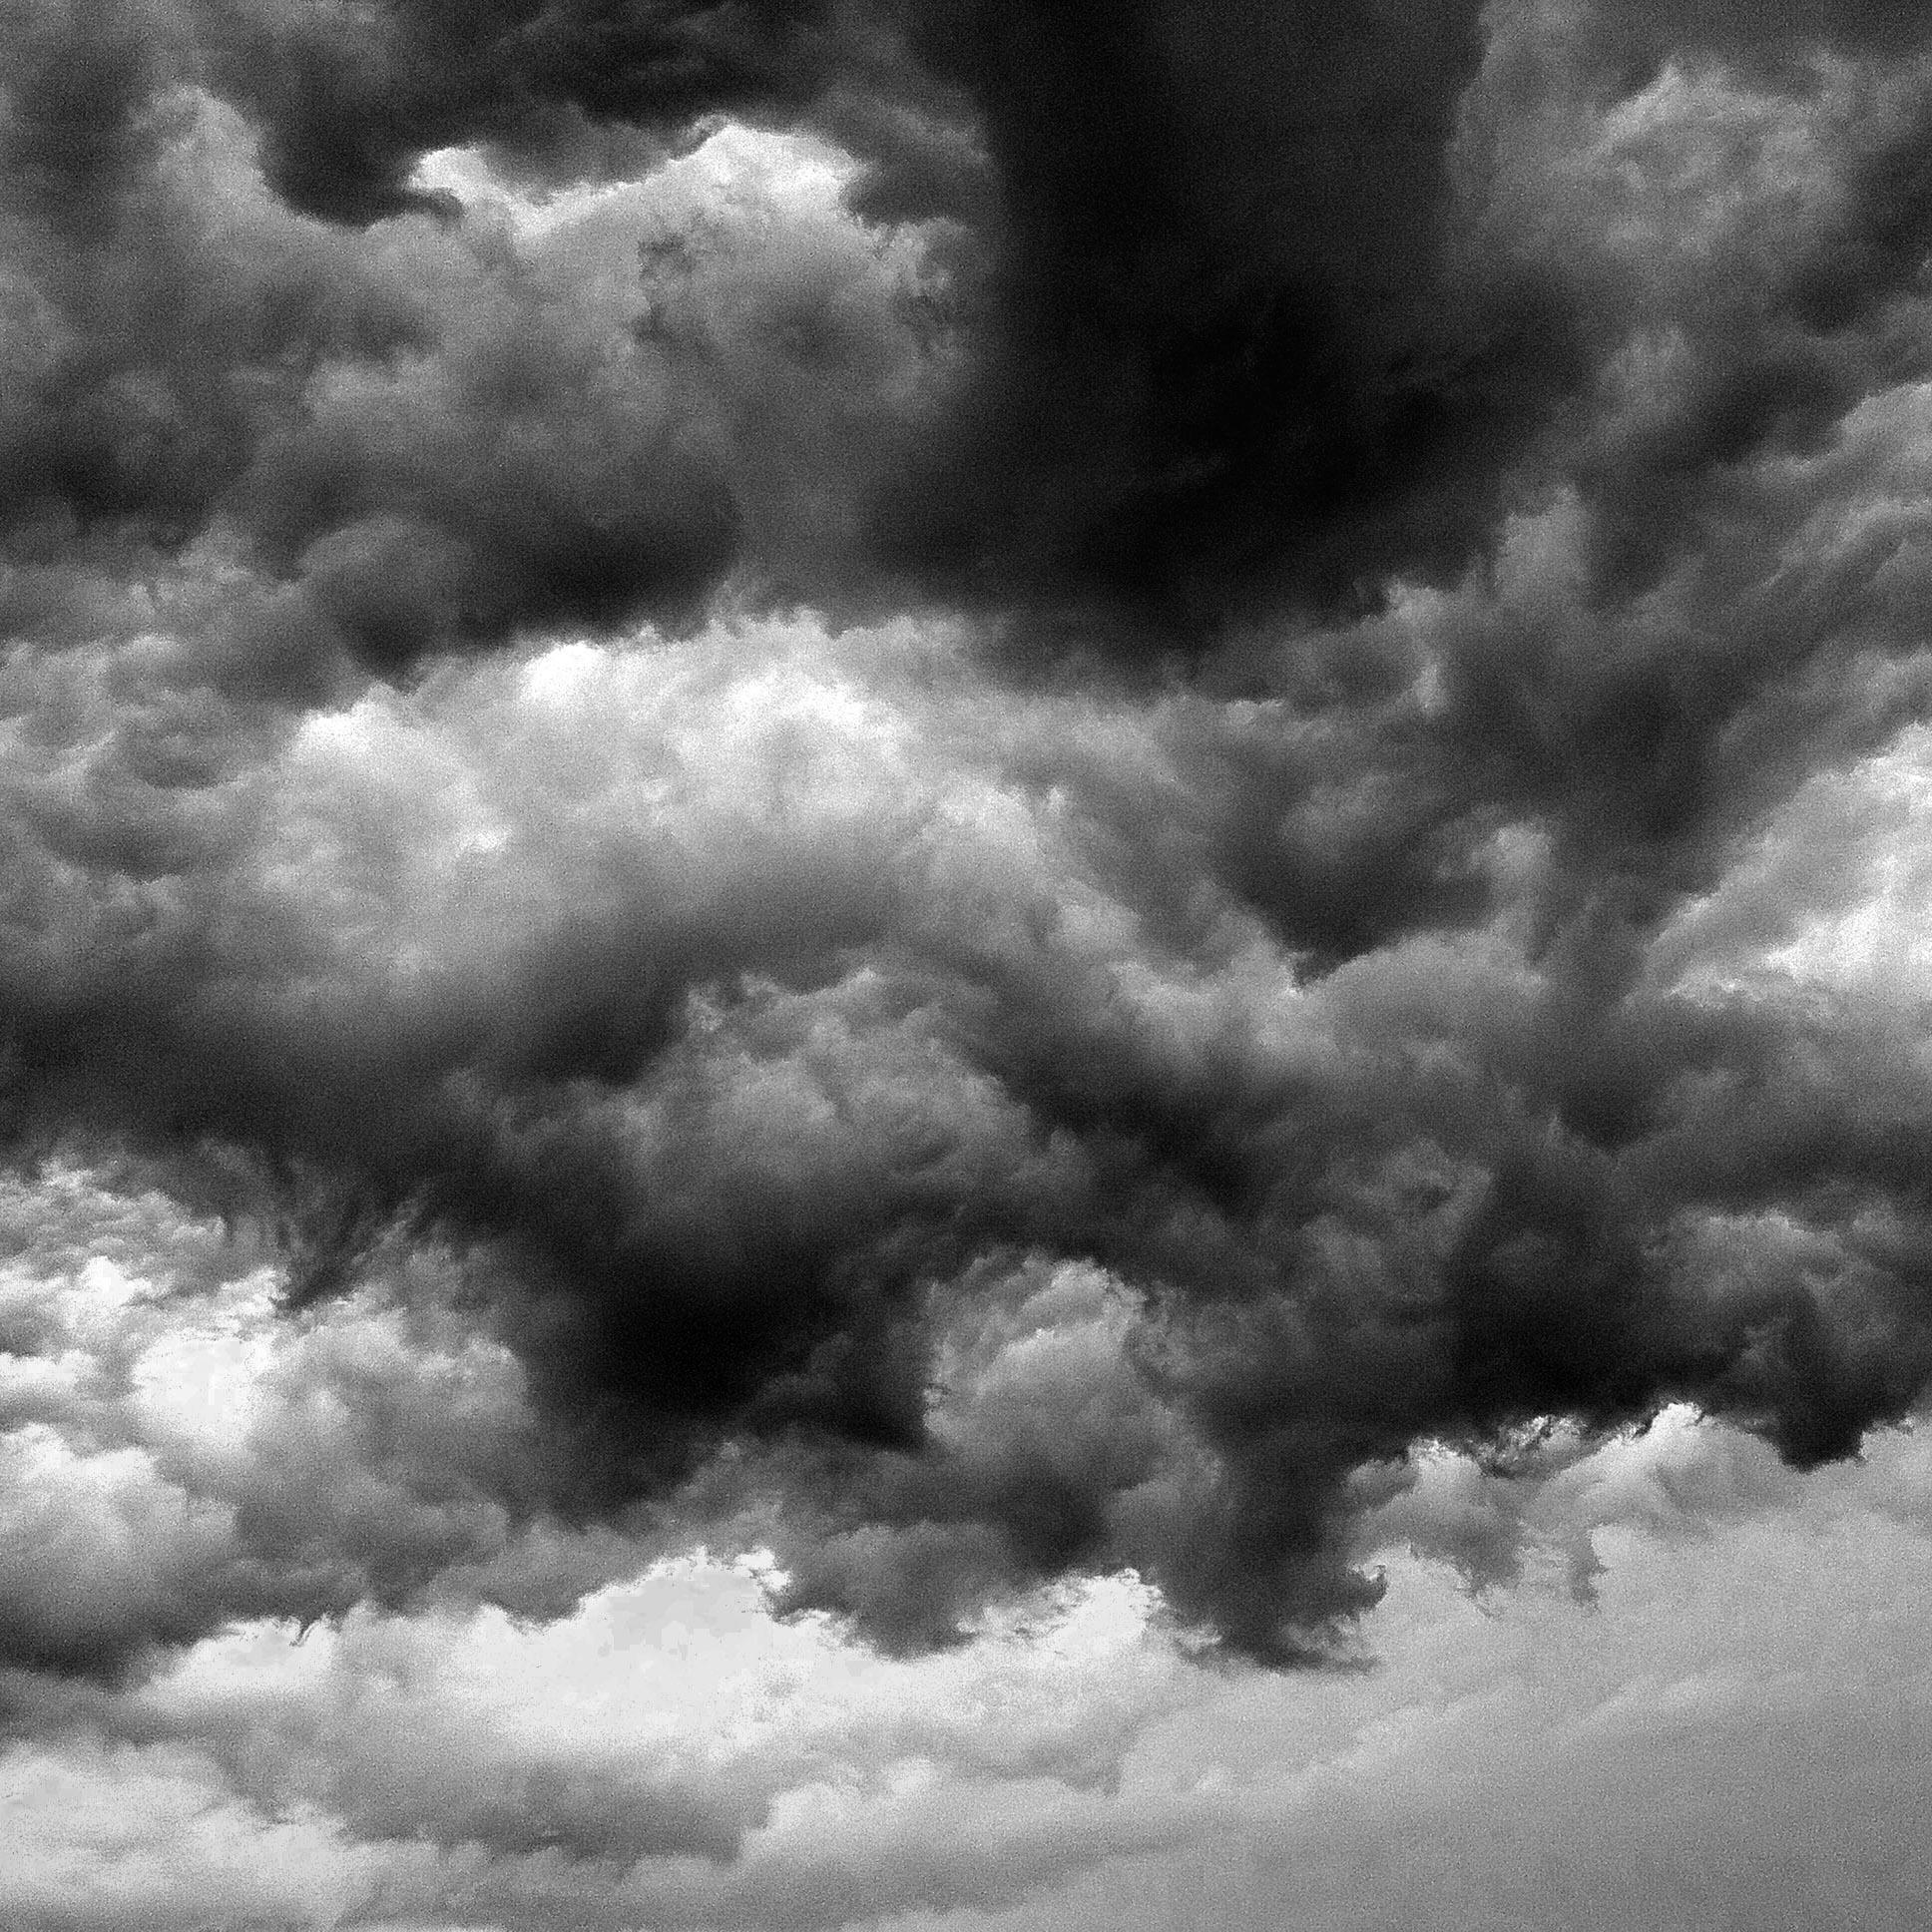 stormy_weather_adj_gray_crop